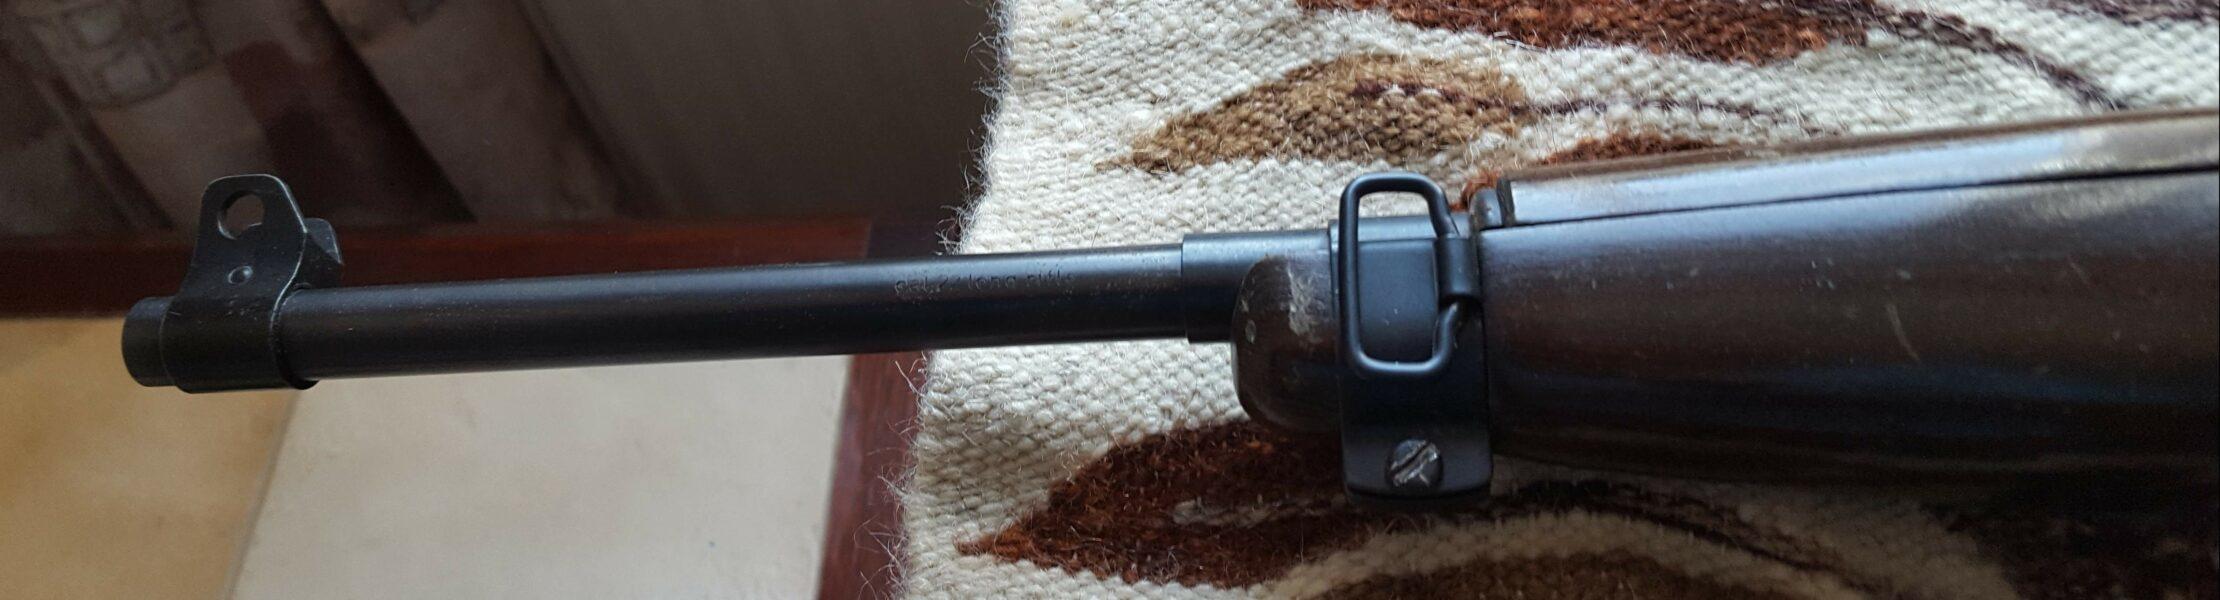 Gewehr Erma M1 093007